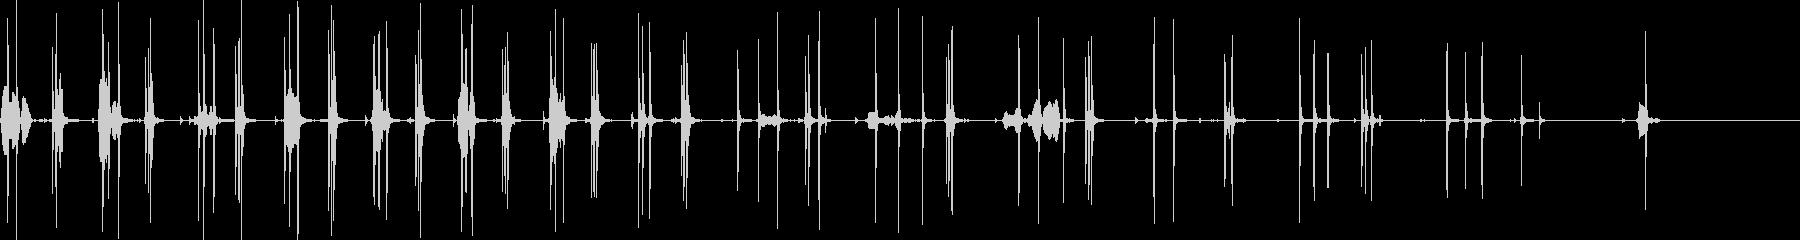 ラチェットでボルトを締める音の未再生の波形